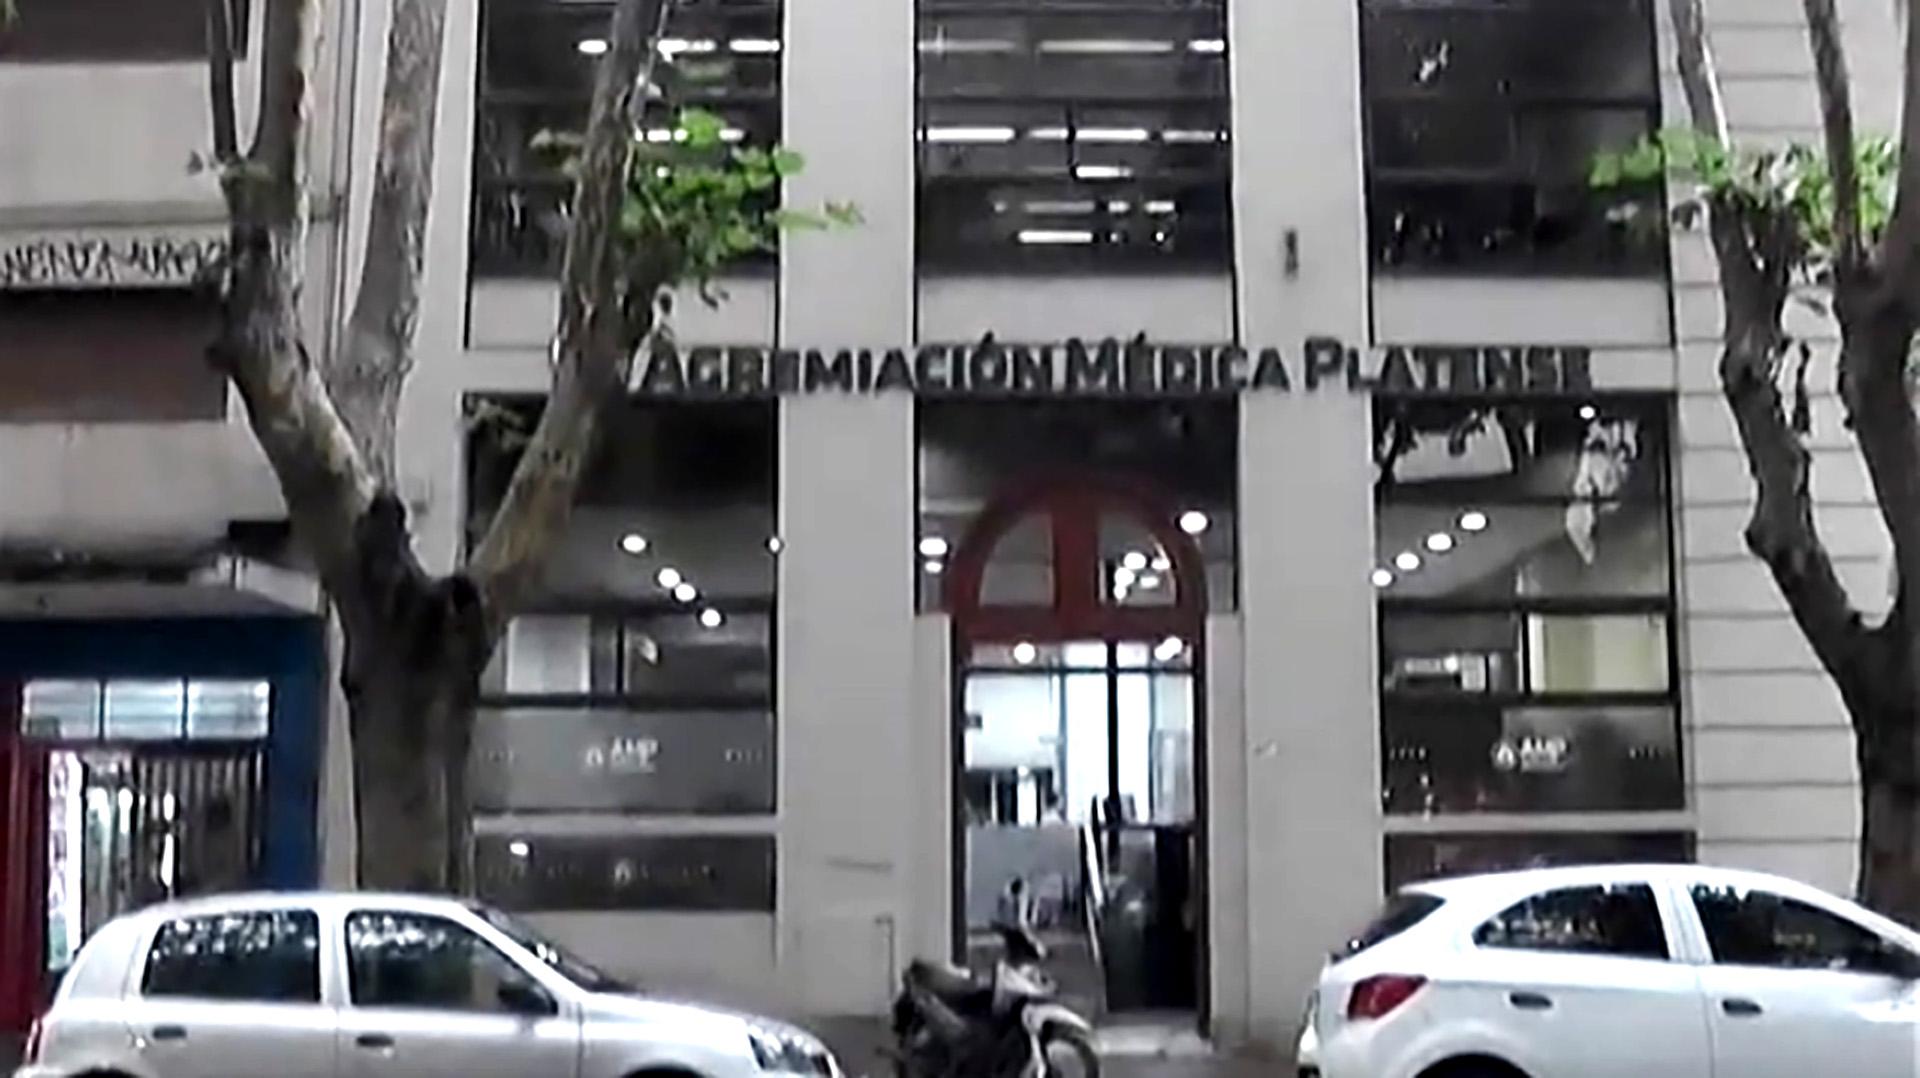 Agremiación Médica Platense, una de las que tiene convenio con IOMA en la Pcia. de Buenos Aires